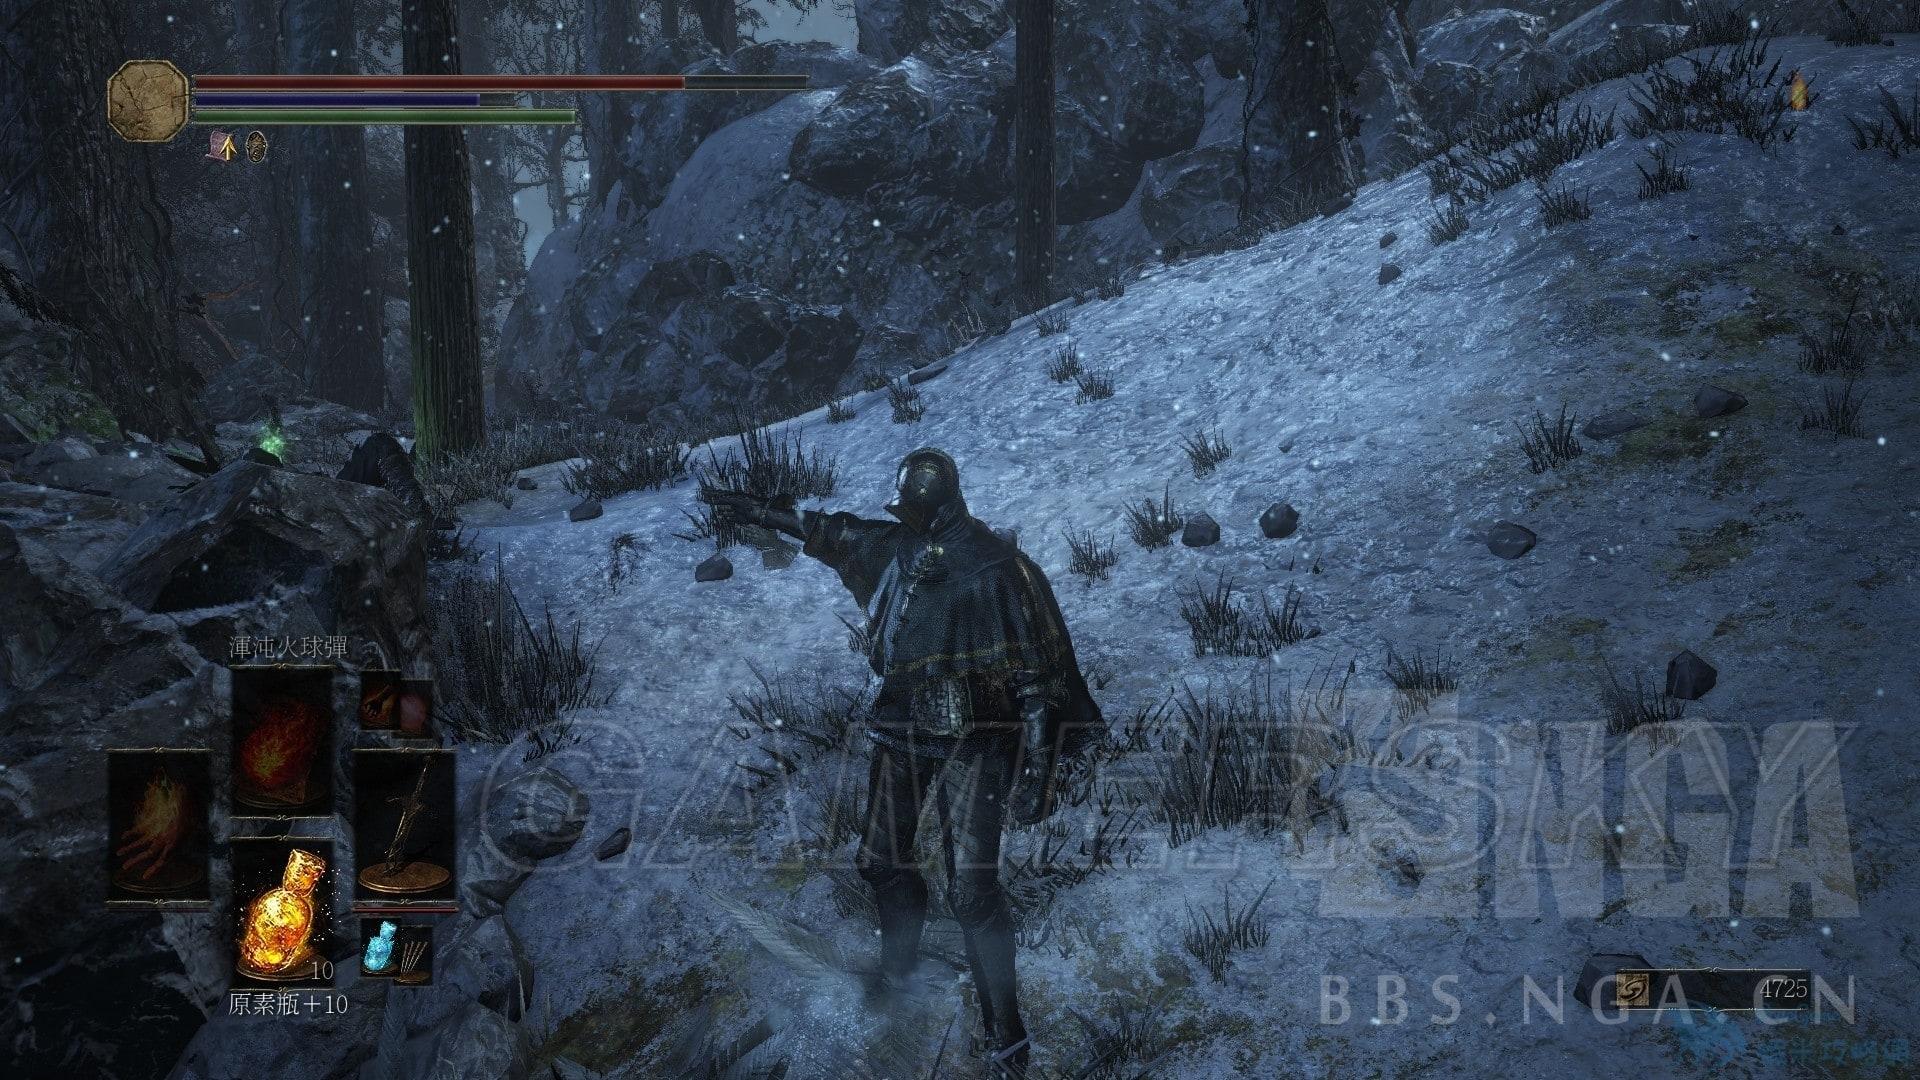 黑暗靈魂3 DLC武器裝備收集攻略 DLC武器裝備位置